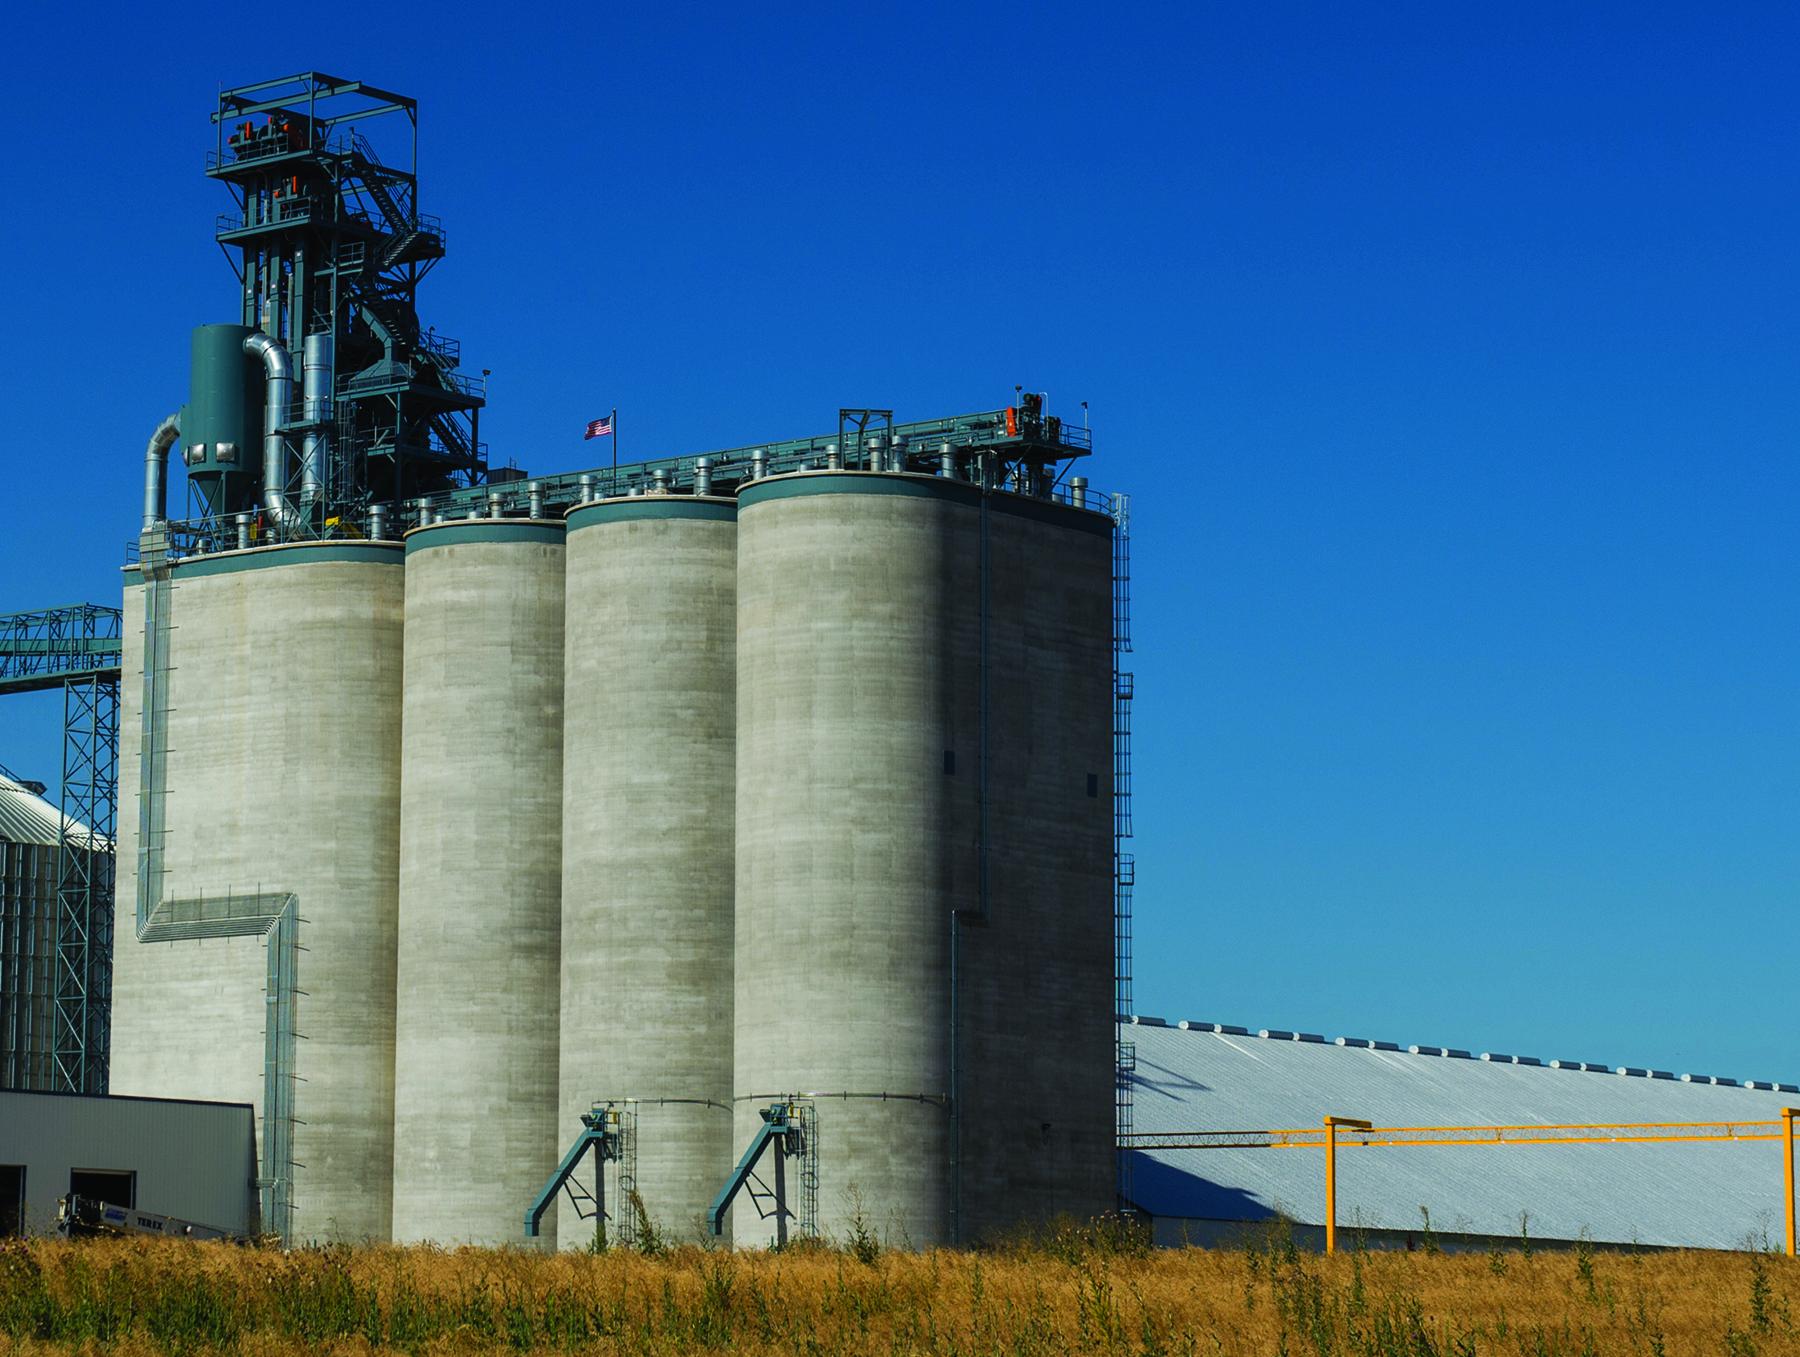 concrete-tank-construction.jpg#asset:214029